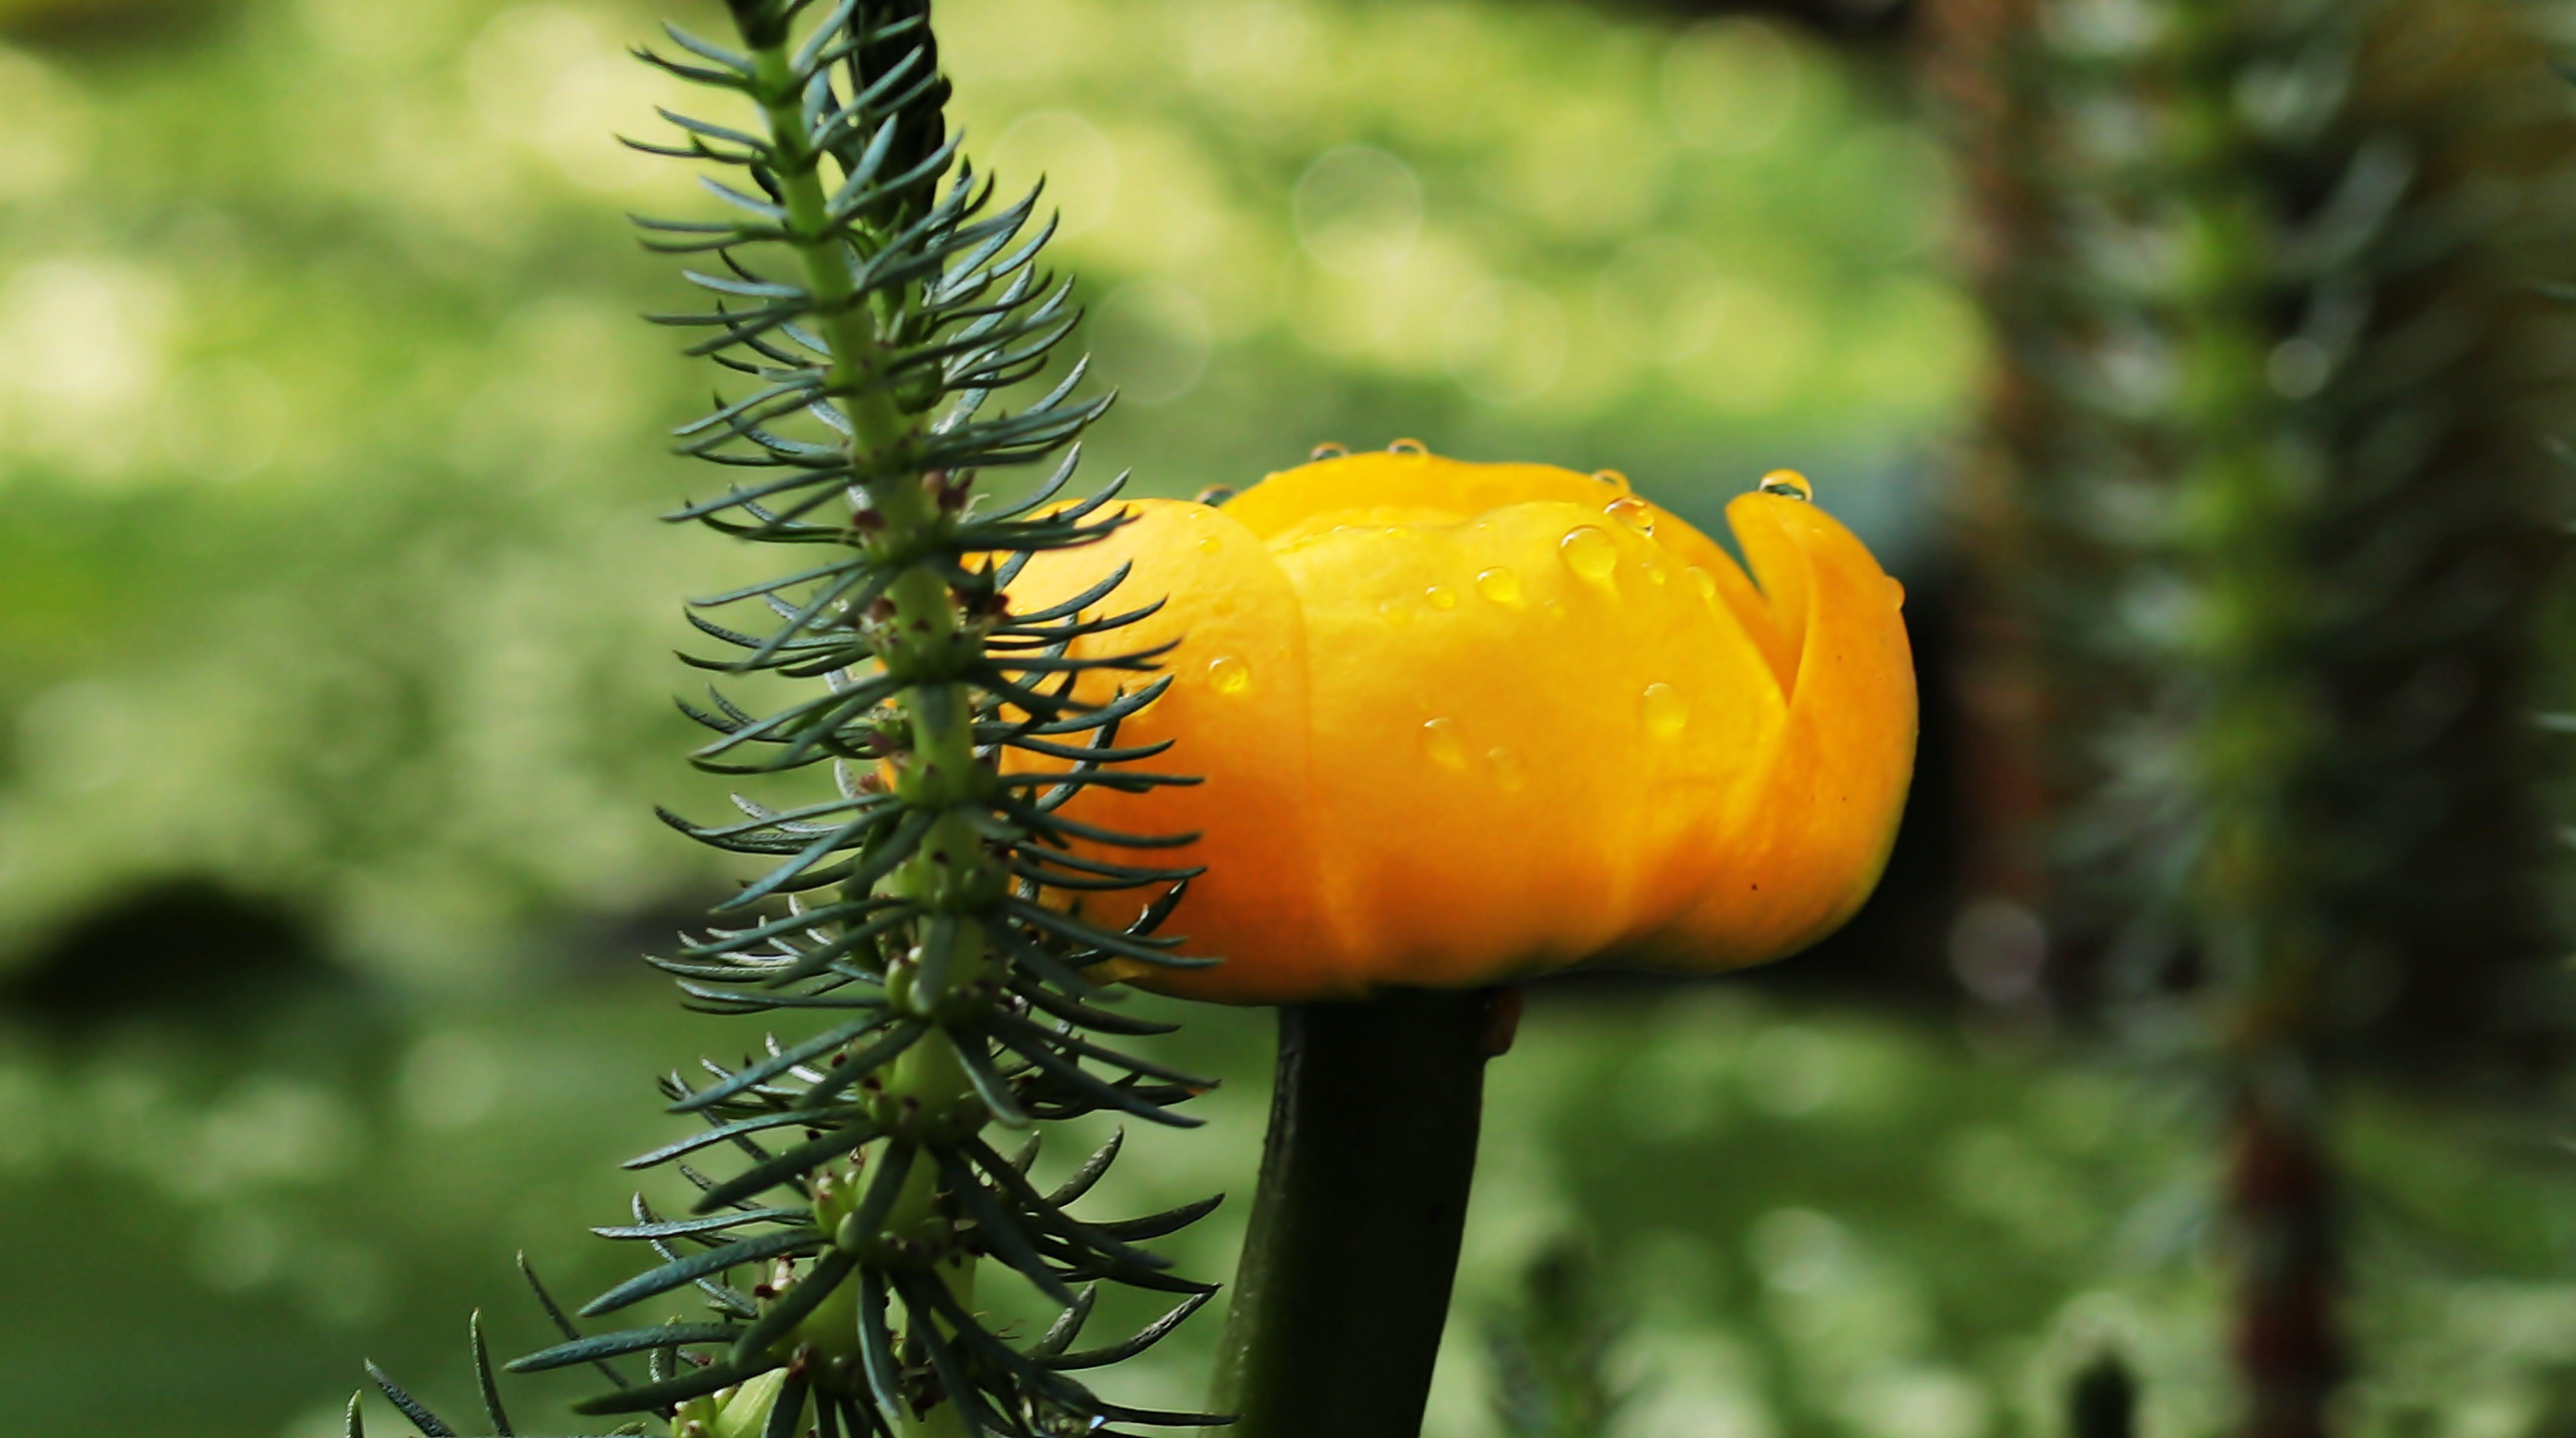 aquatic plant, bloom, blossom